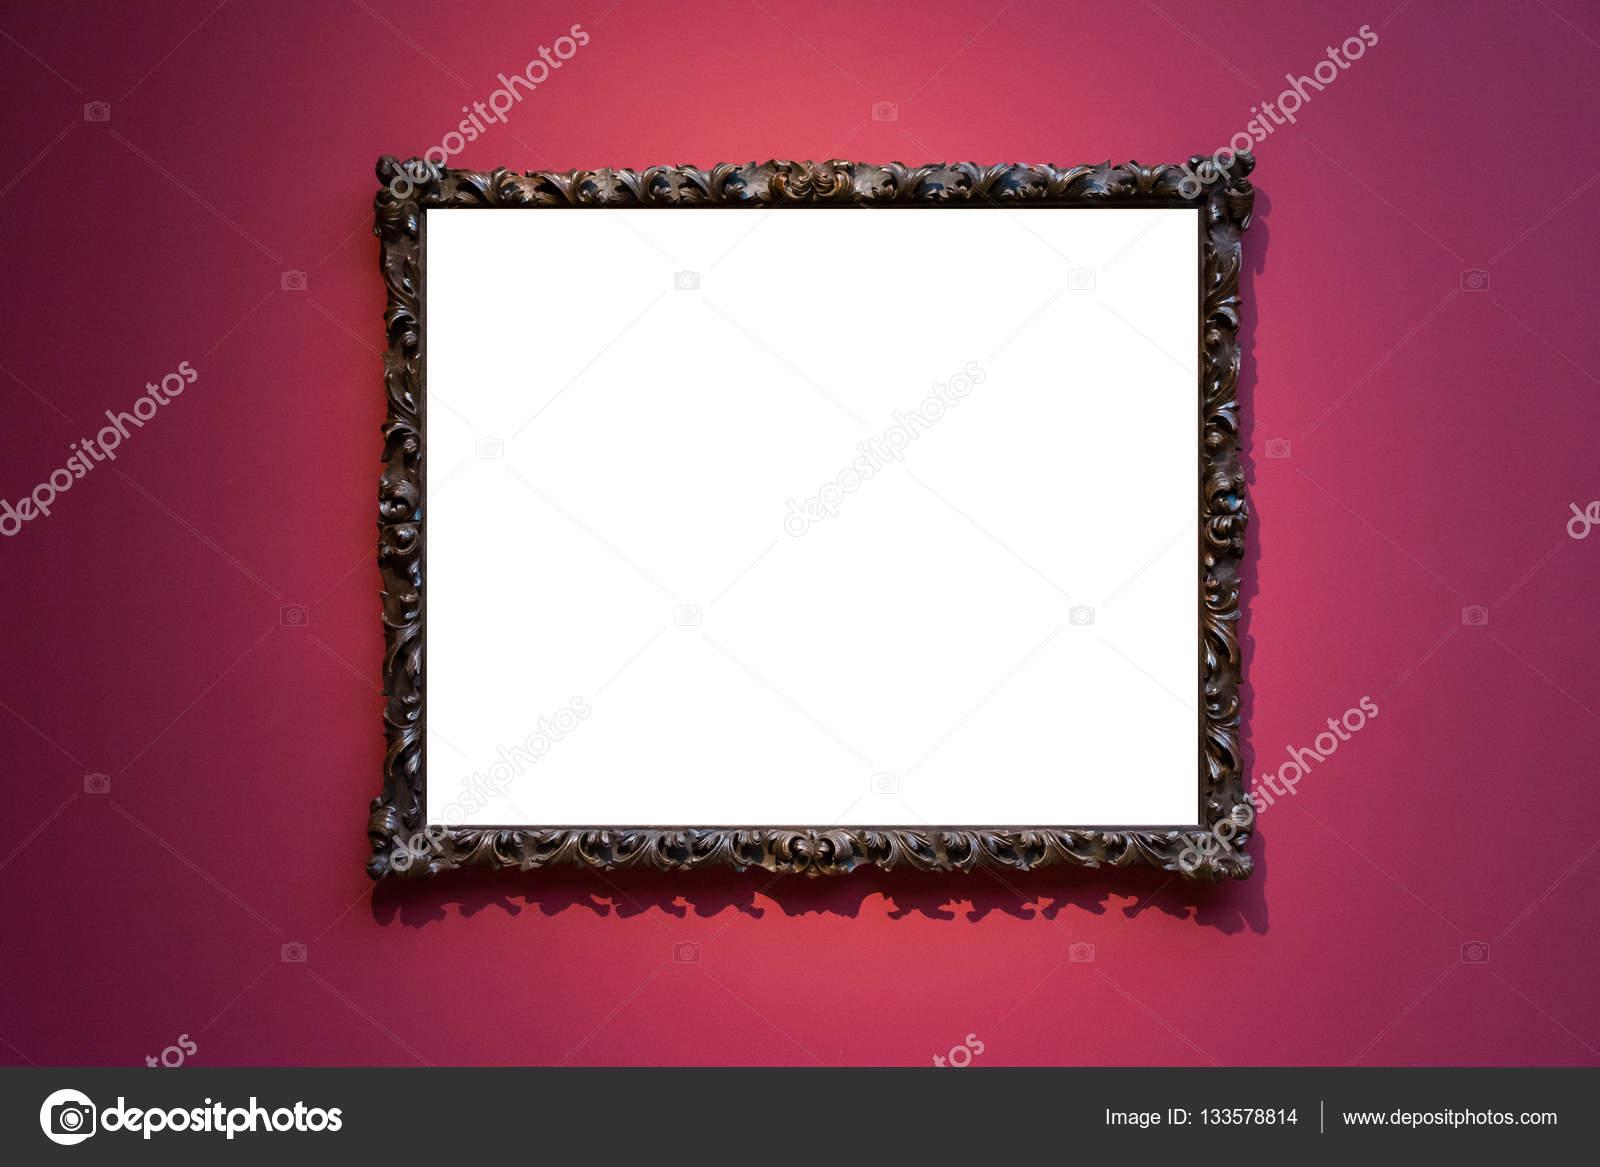 musée d'art cadre mur rouge orné design blanc isolé clipping